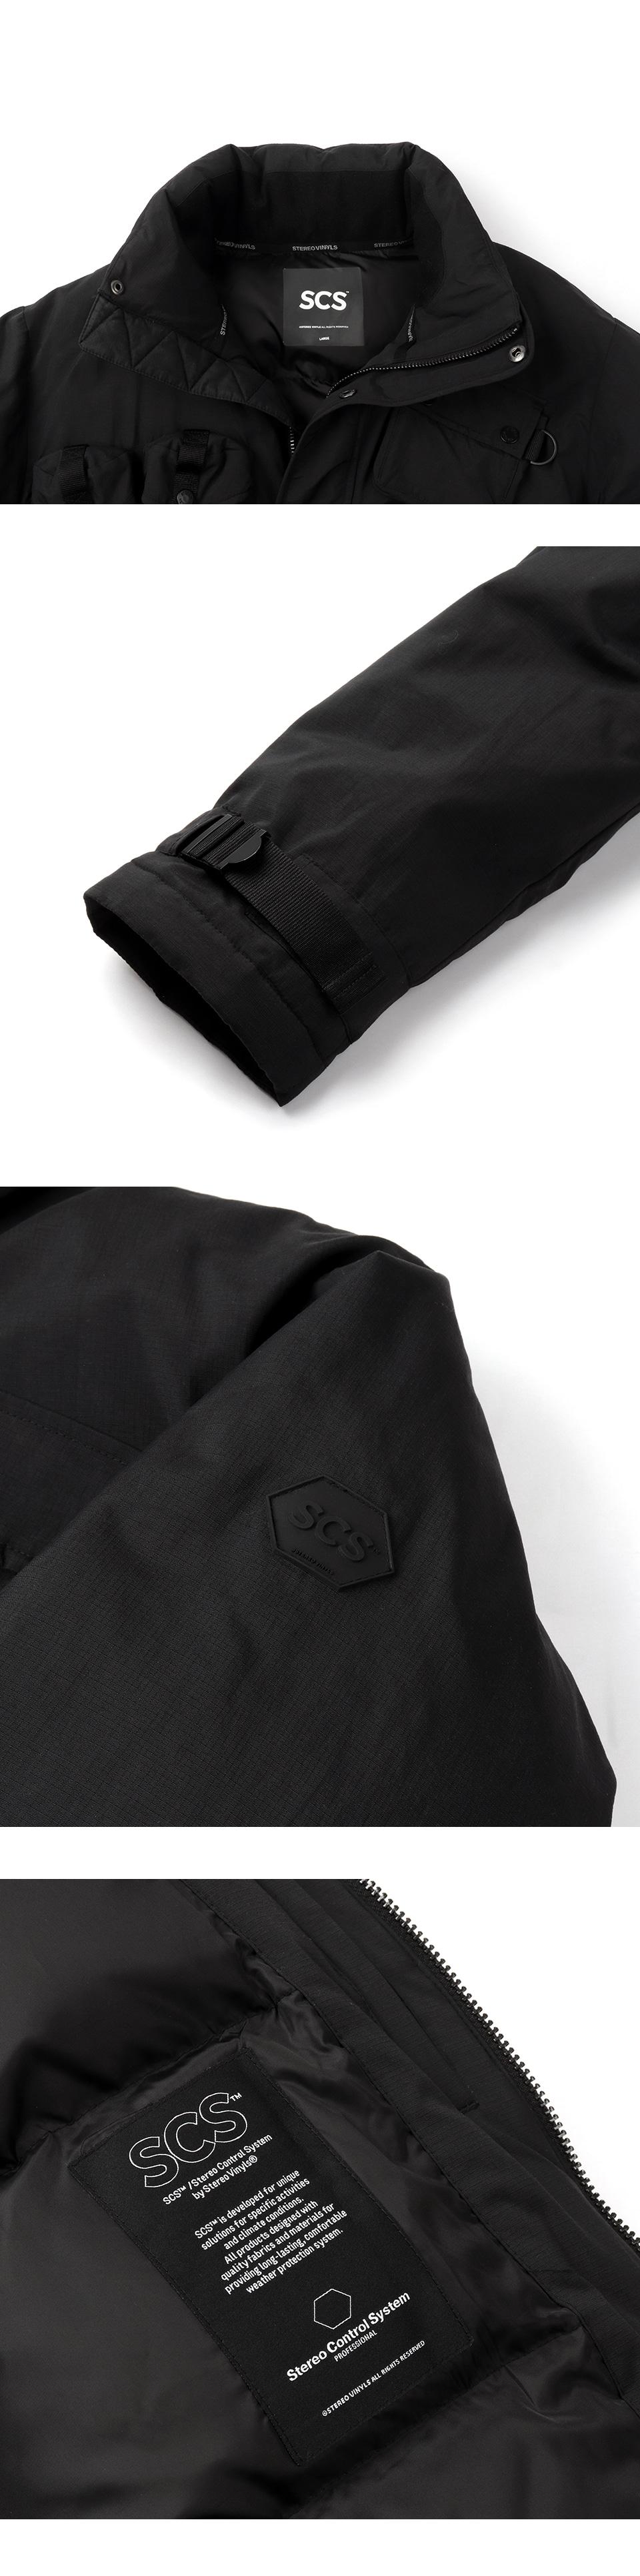 스테레오 바이널즈(STEREO VINYLS) [FW18 SCS] Stereo Multi Pocket Down Parka(Black)